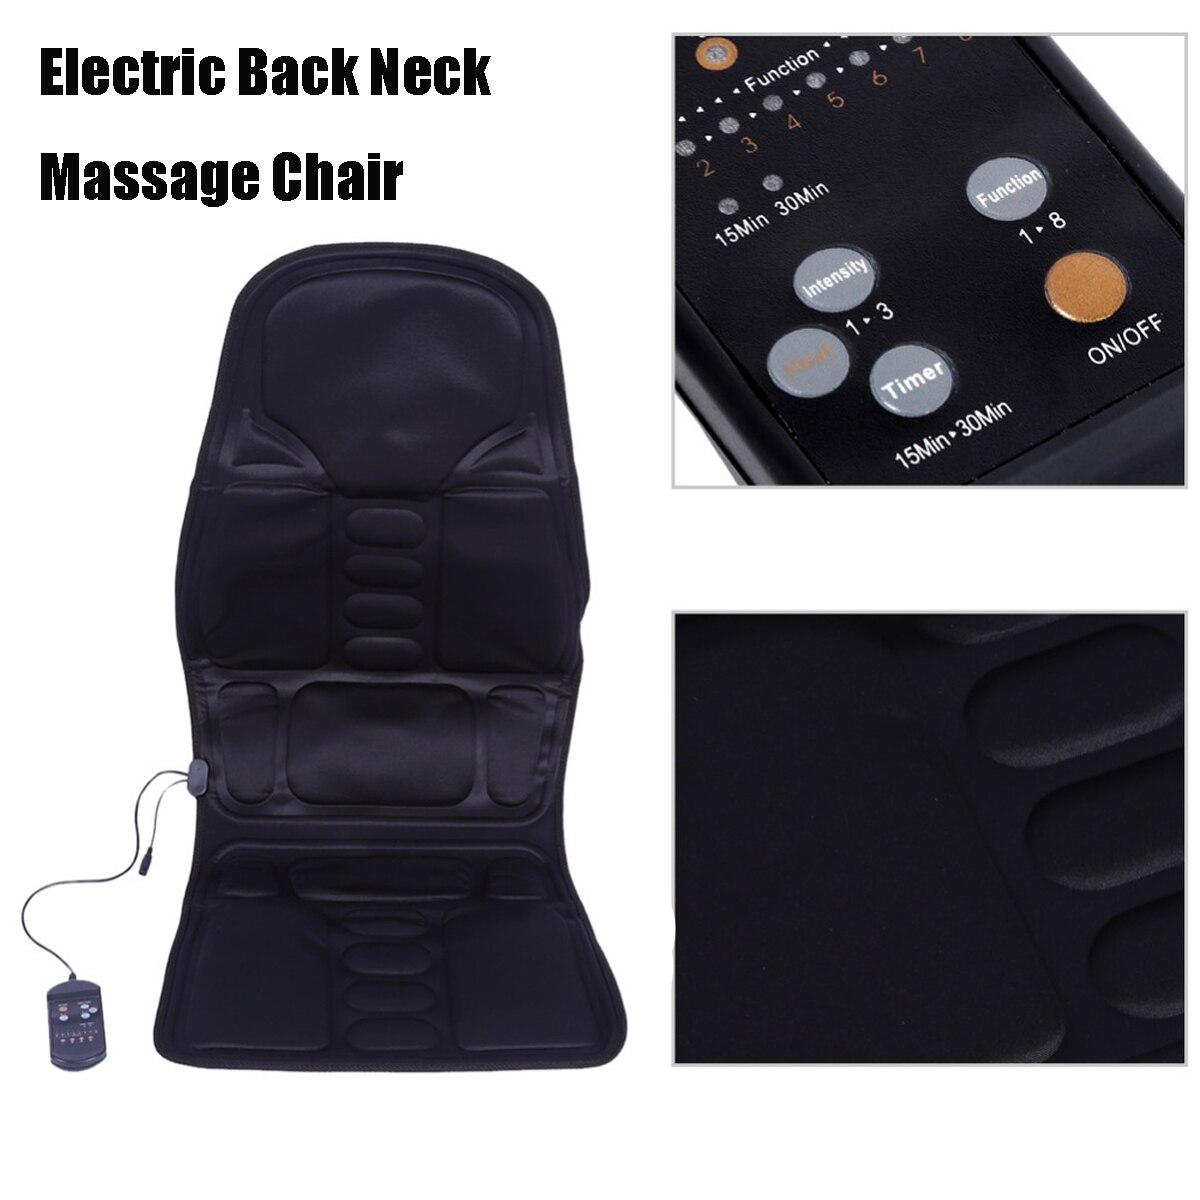 12 v 7.2 w Noir Polyester Tissu Coussin De Massage Électrique Massage Du Dos Du Cou Chaise Siège Relaxation Pour Voiture Home Office